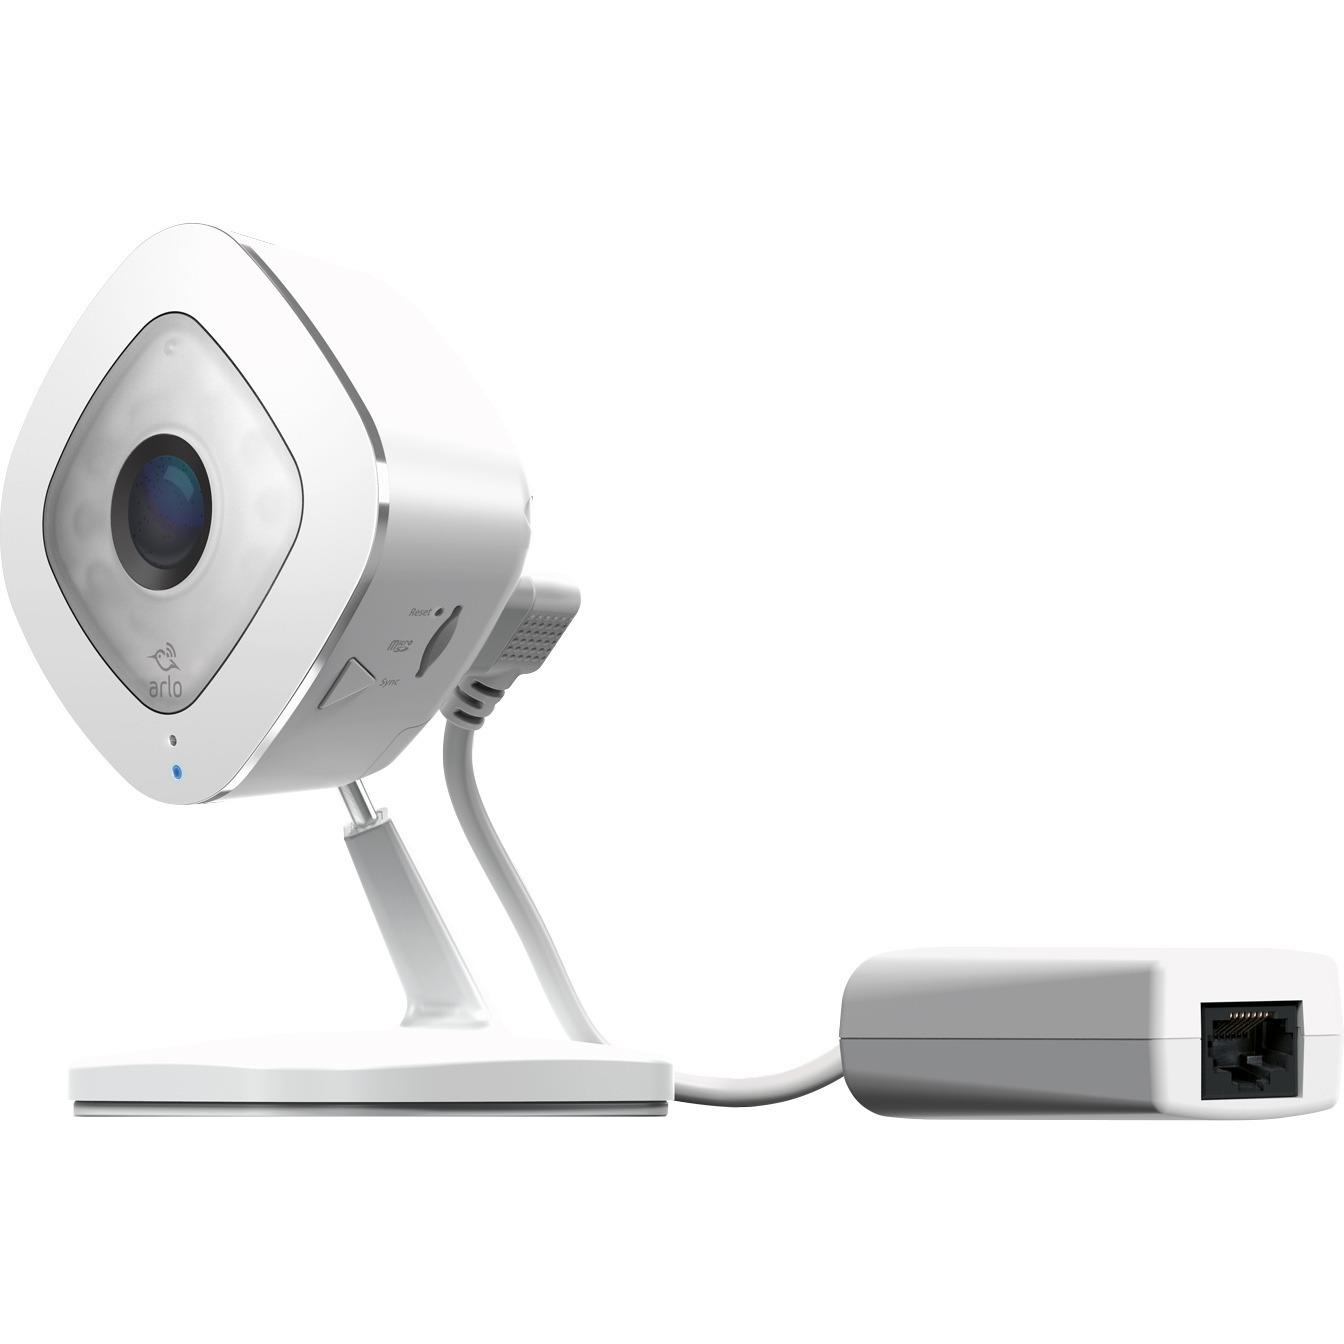 Arlo Q Plus Network Camera - Colour